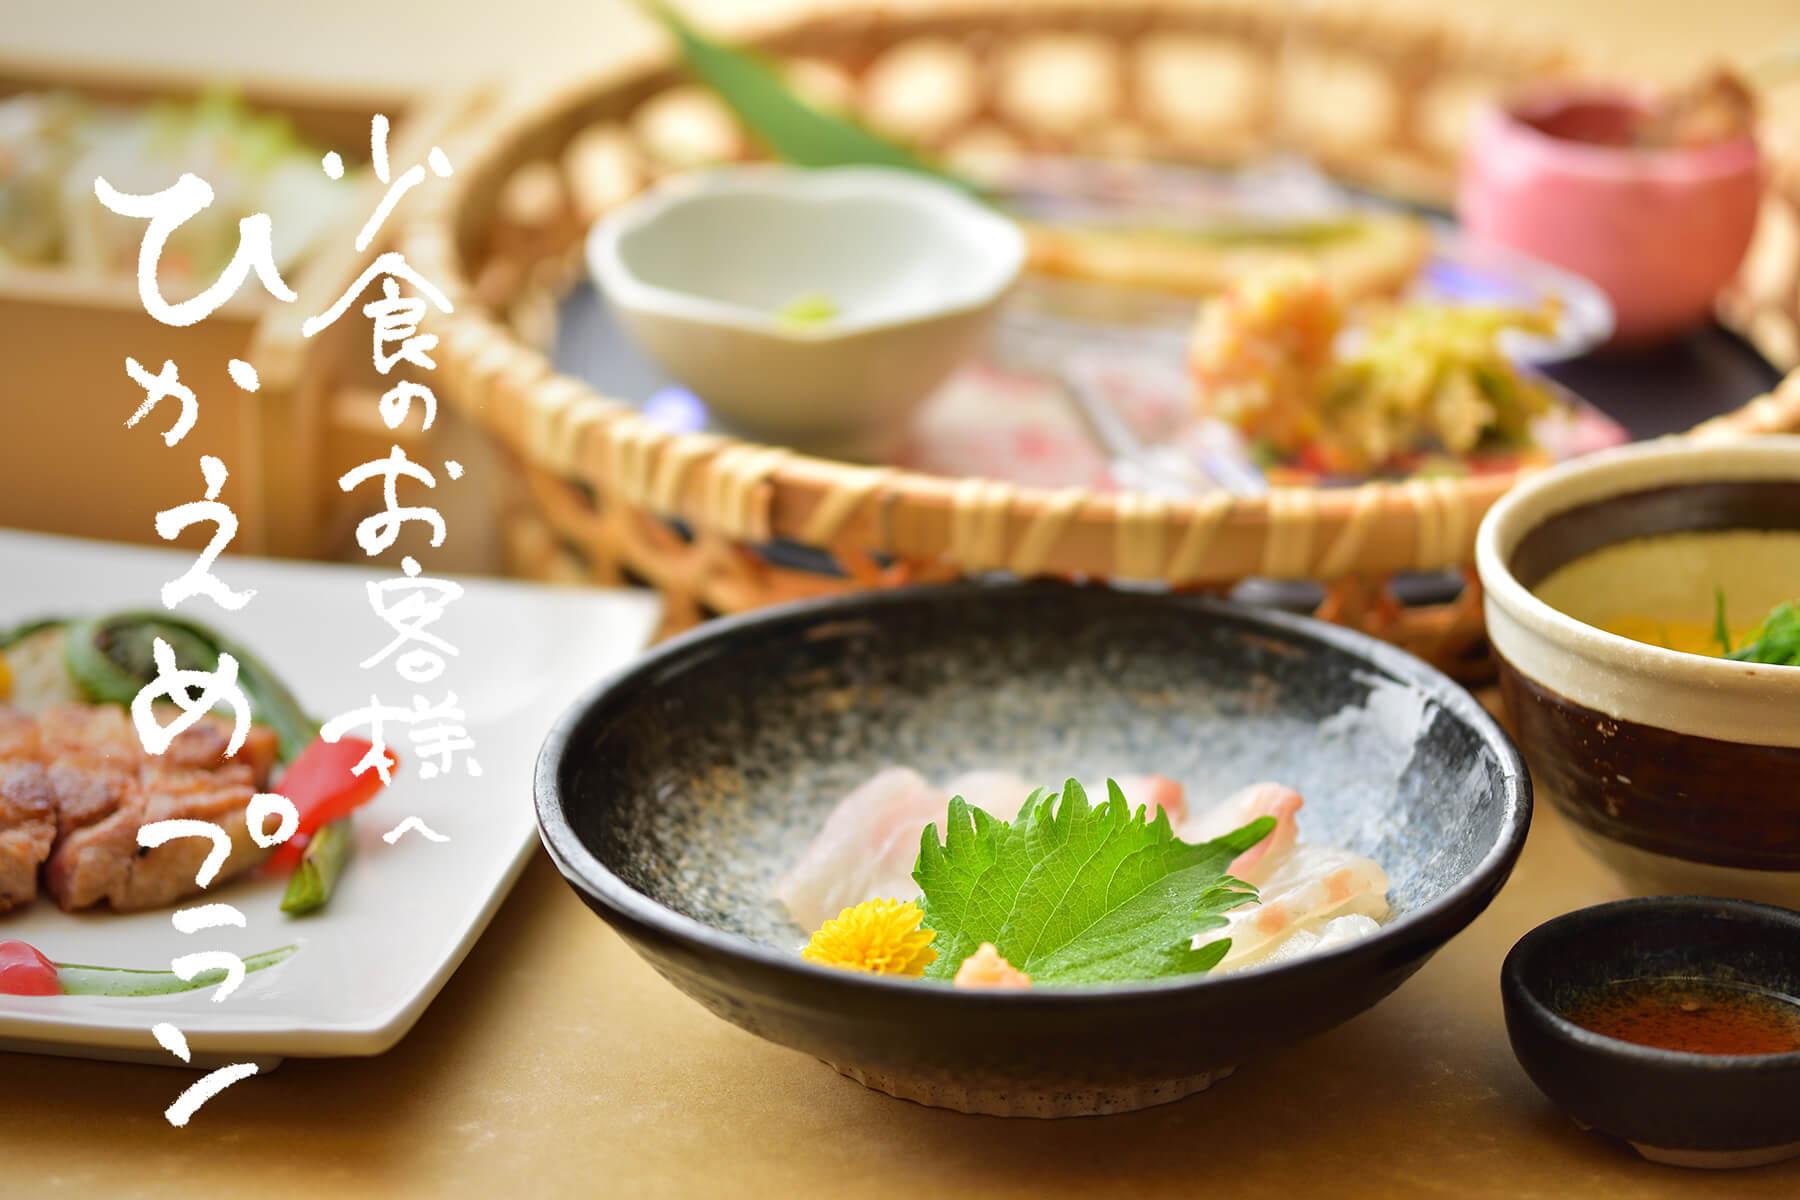 〈ひかえめプラン 2021春〉日にち限定!新潟の美味しいものを控えめに堪能!